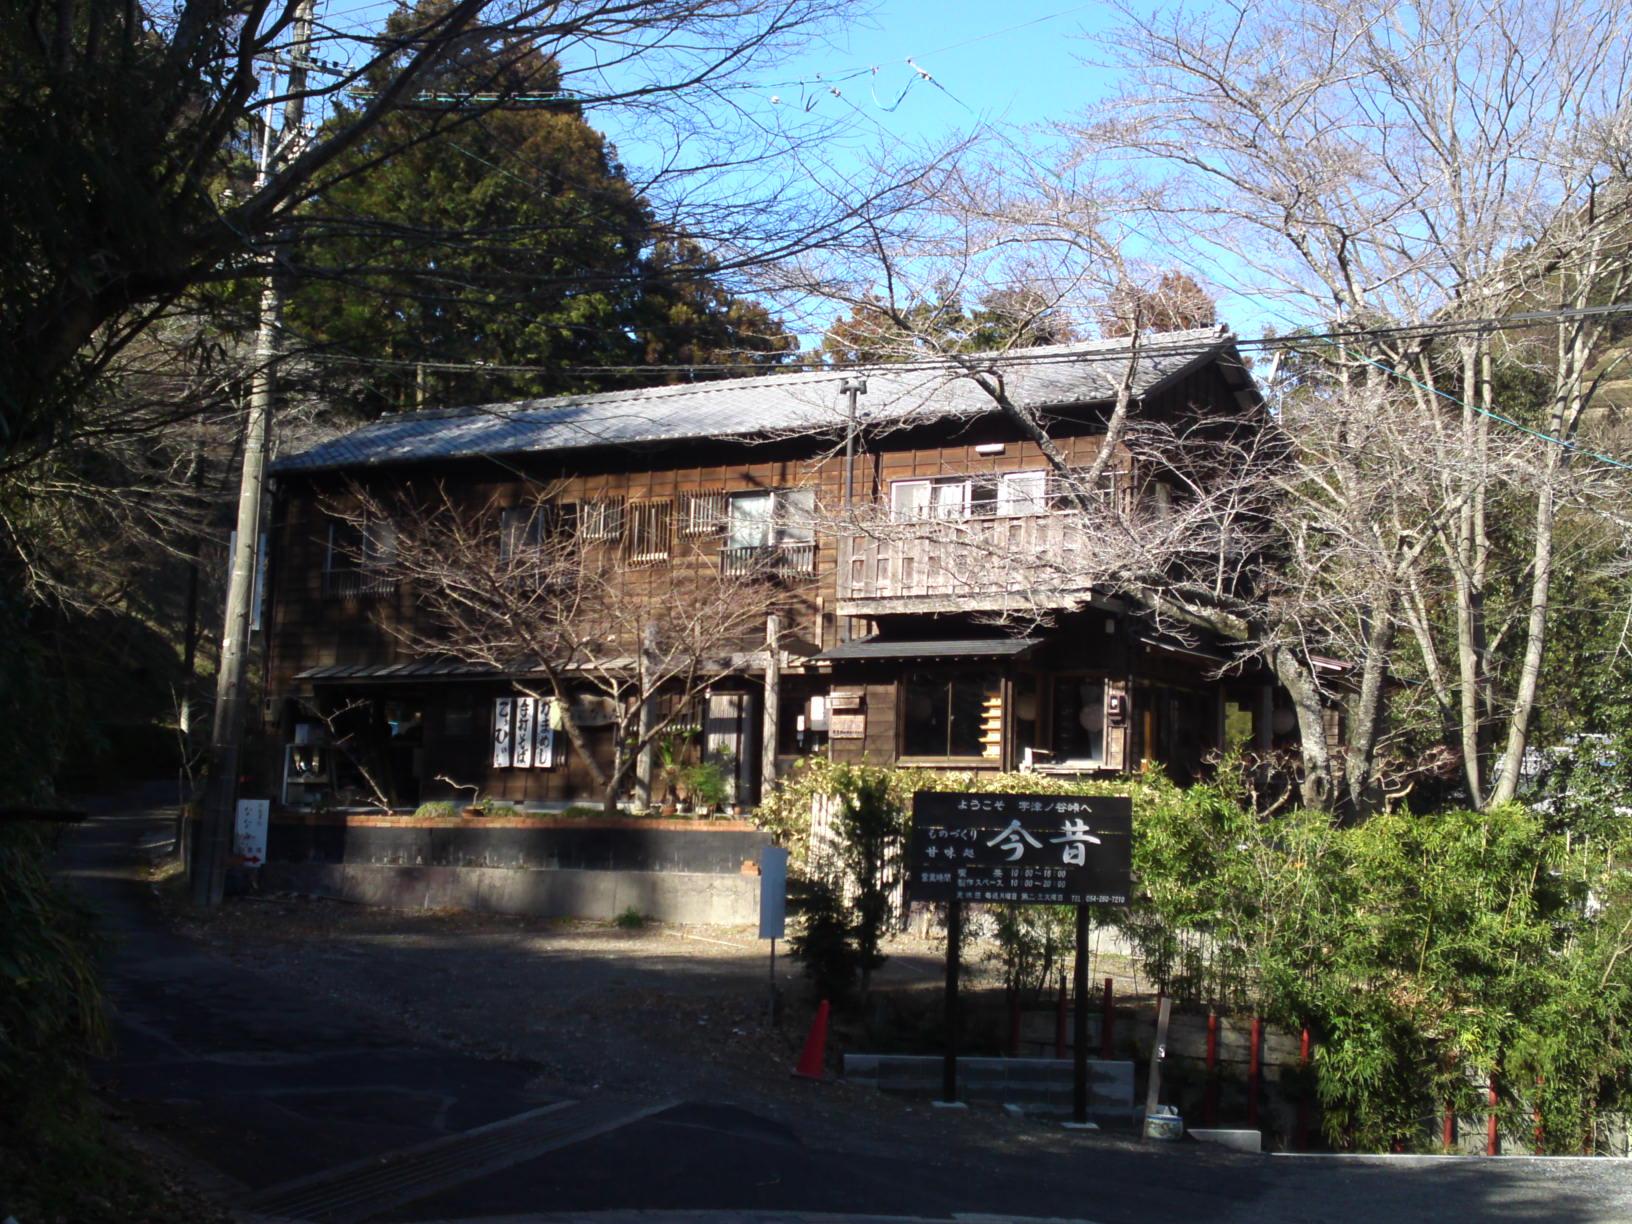 Visite du village de utsunoya shizuoka au japon avec de belles maisons en bois